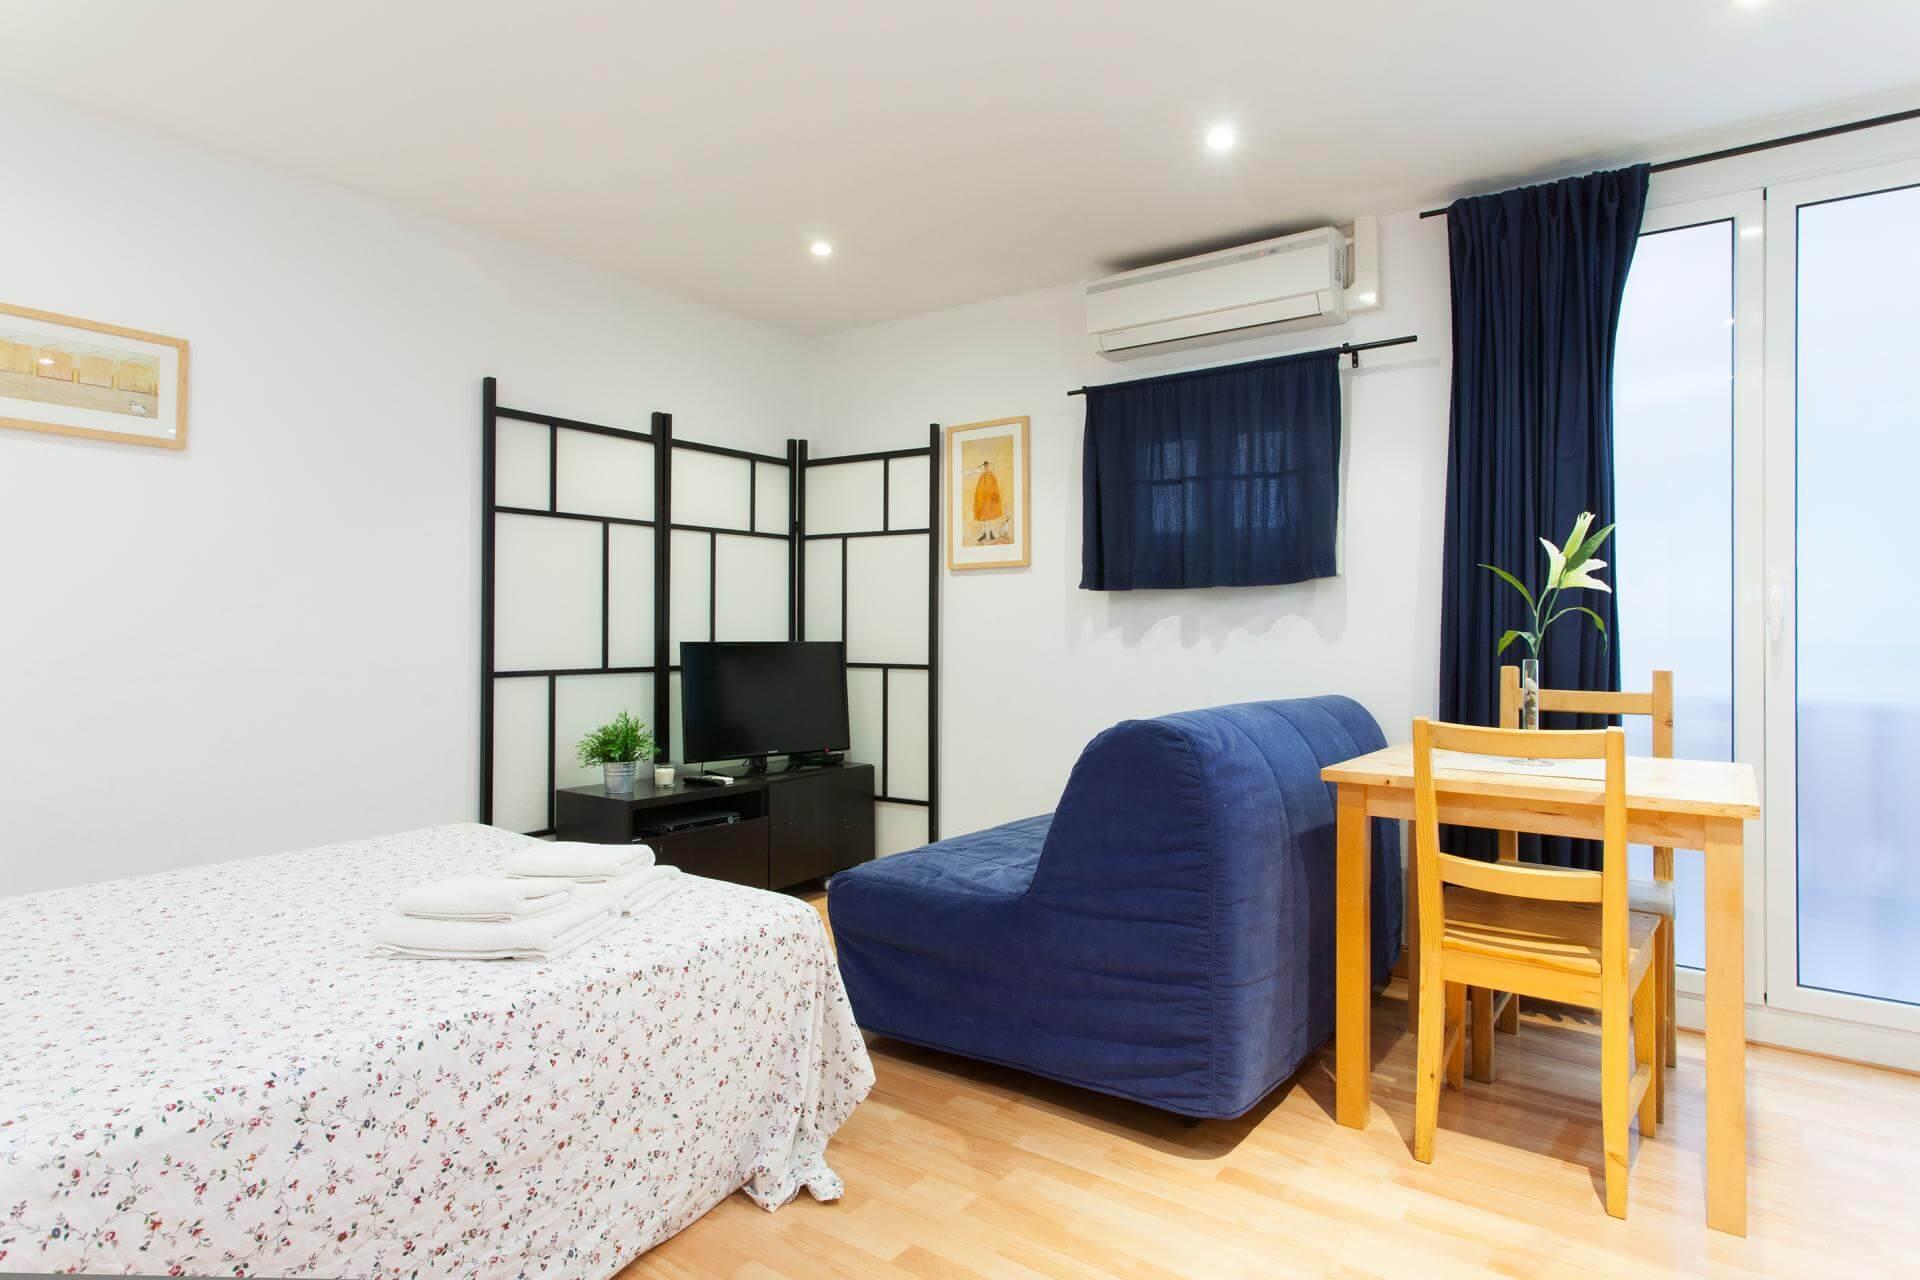 Shbarcelona alquiler piso en barrio eixample c calabria - Alquiler pisos barcelona eixample ...